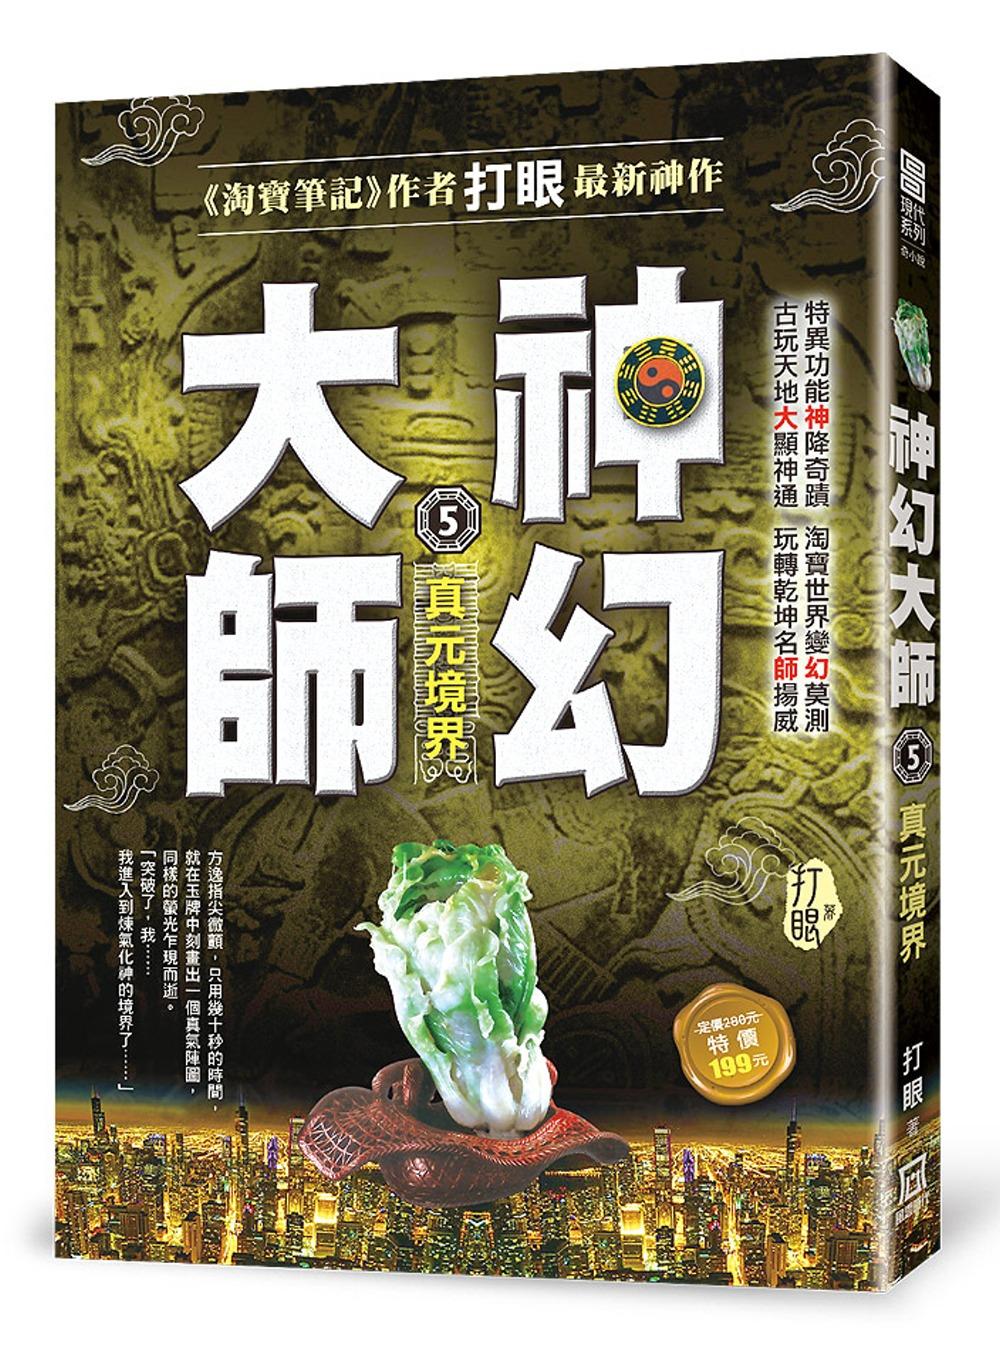 《神幻大師5:真元境界》 商品條碼,ISBN:9789863525134